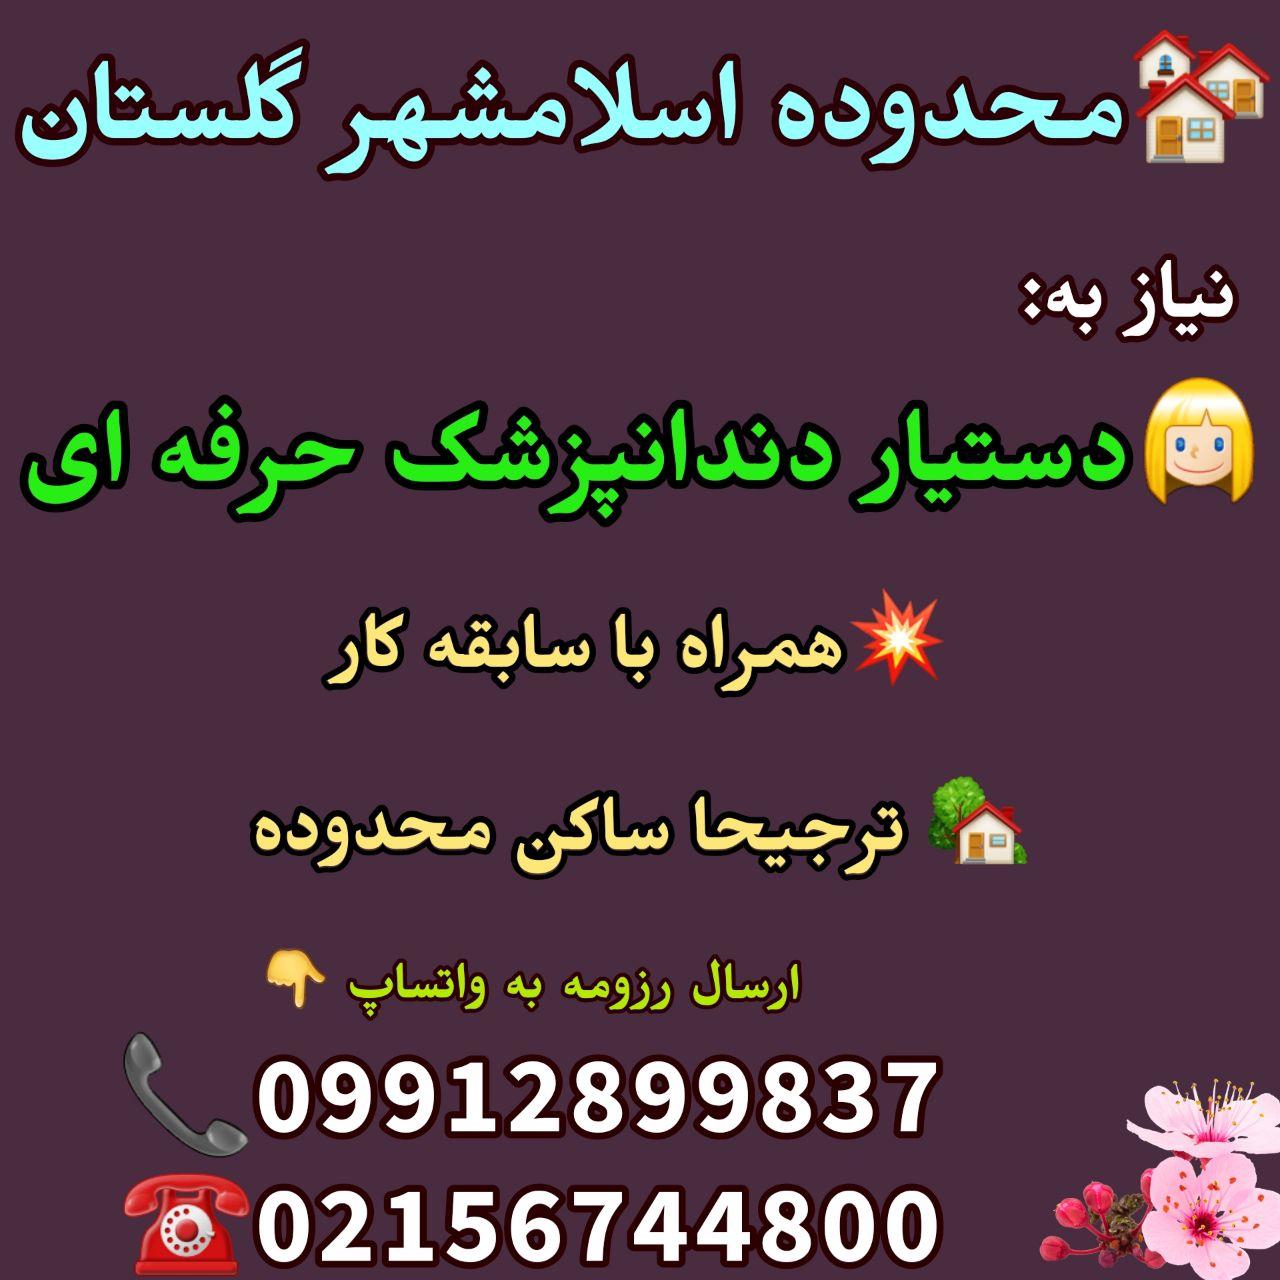 محدوده اسلامشهر گلستان: نیاز به دستیار دندانپزشک حرفه ای